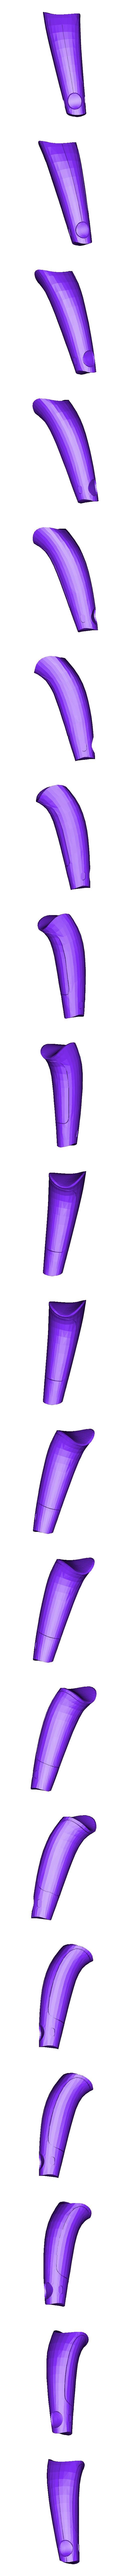 2.stl Télécharger fichier STL gratuit Articulations de la voûte plantaire • Design pour impression 3D, indigo4